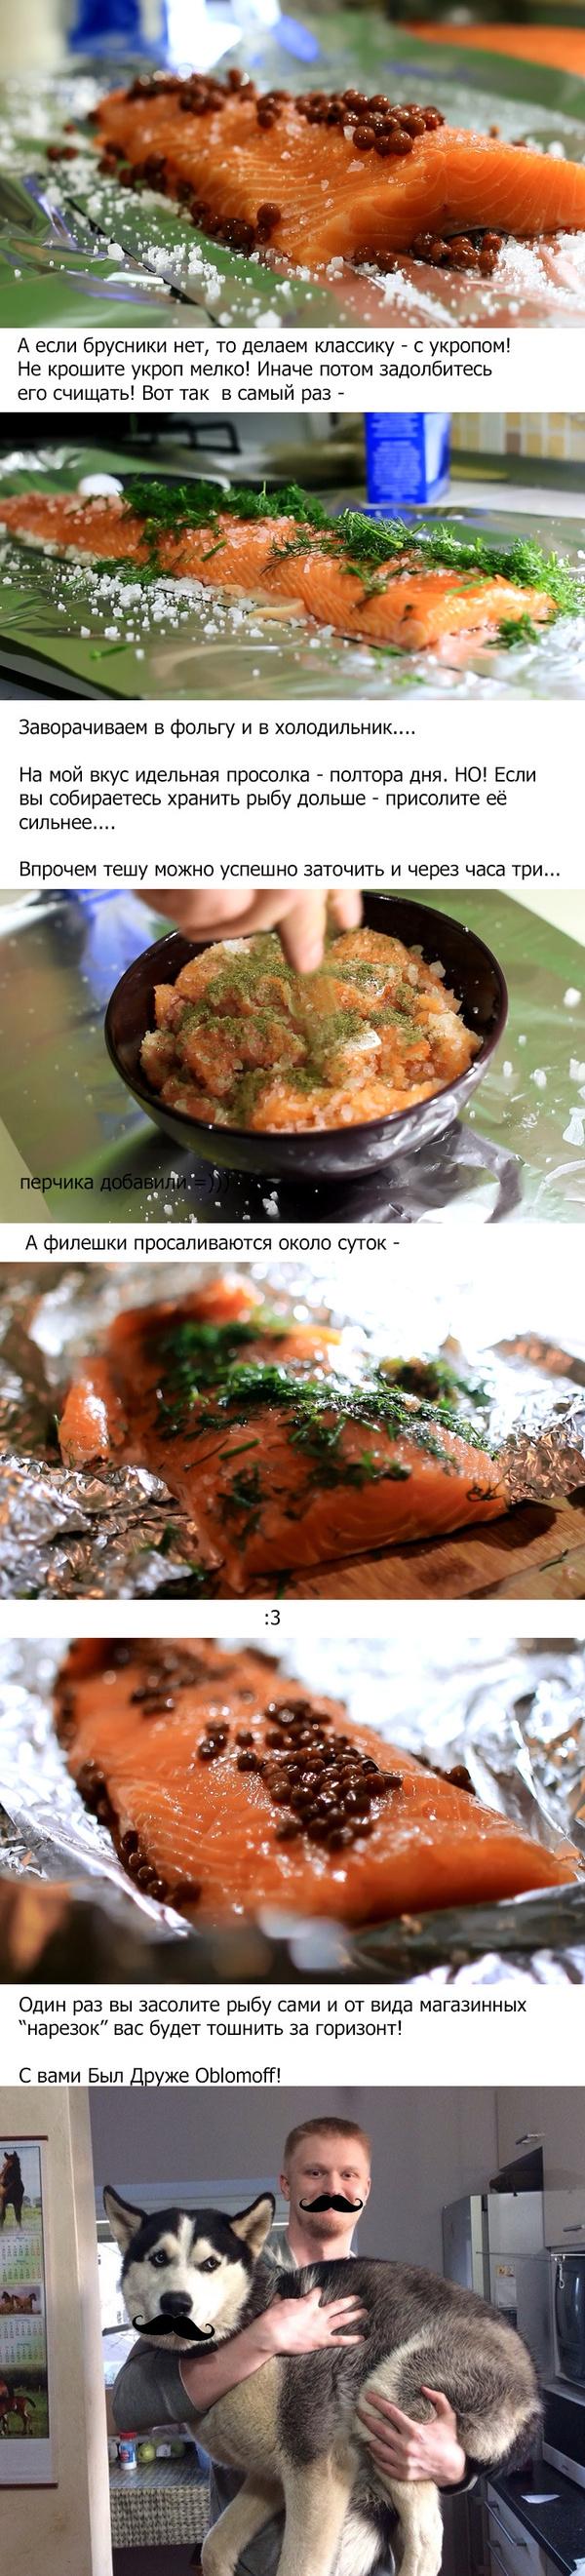 Как солить красную рыбу (10 фото+1 видео)